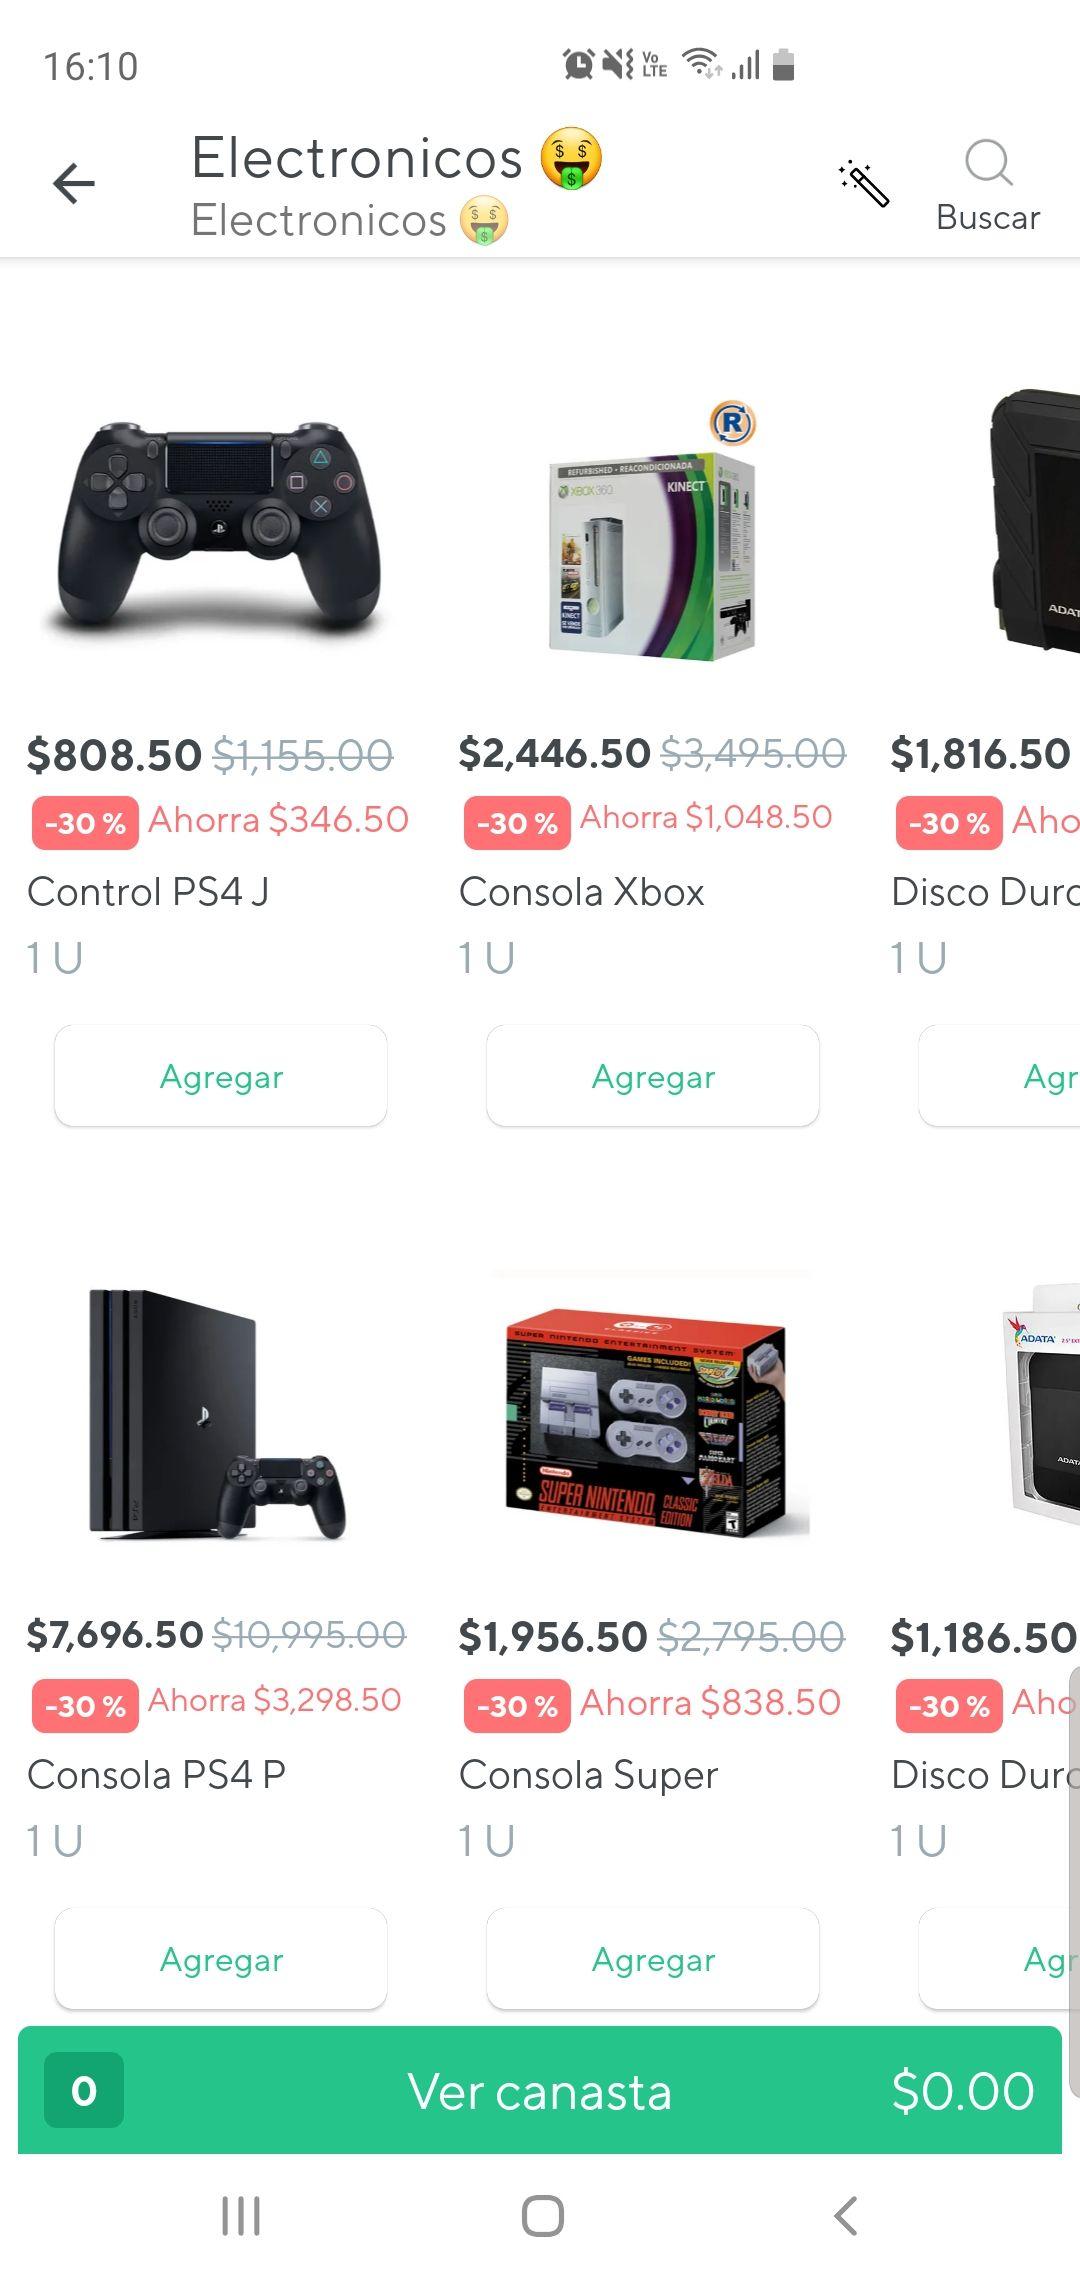 Rappi: Variedad en electronica Chedraui 30%